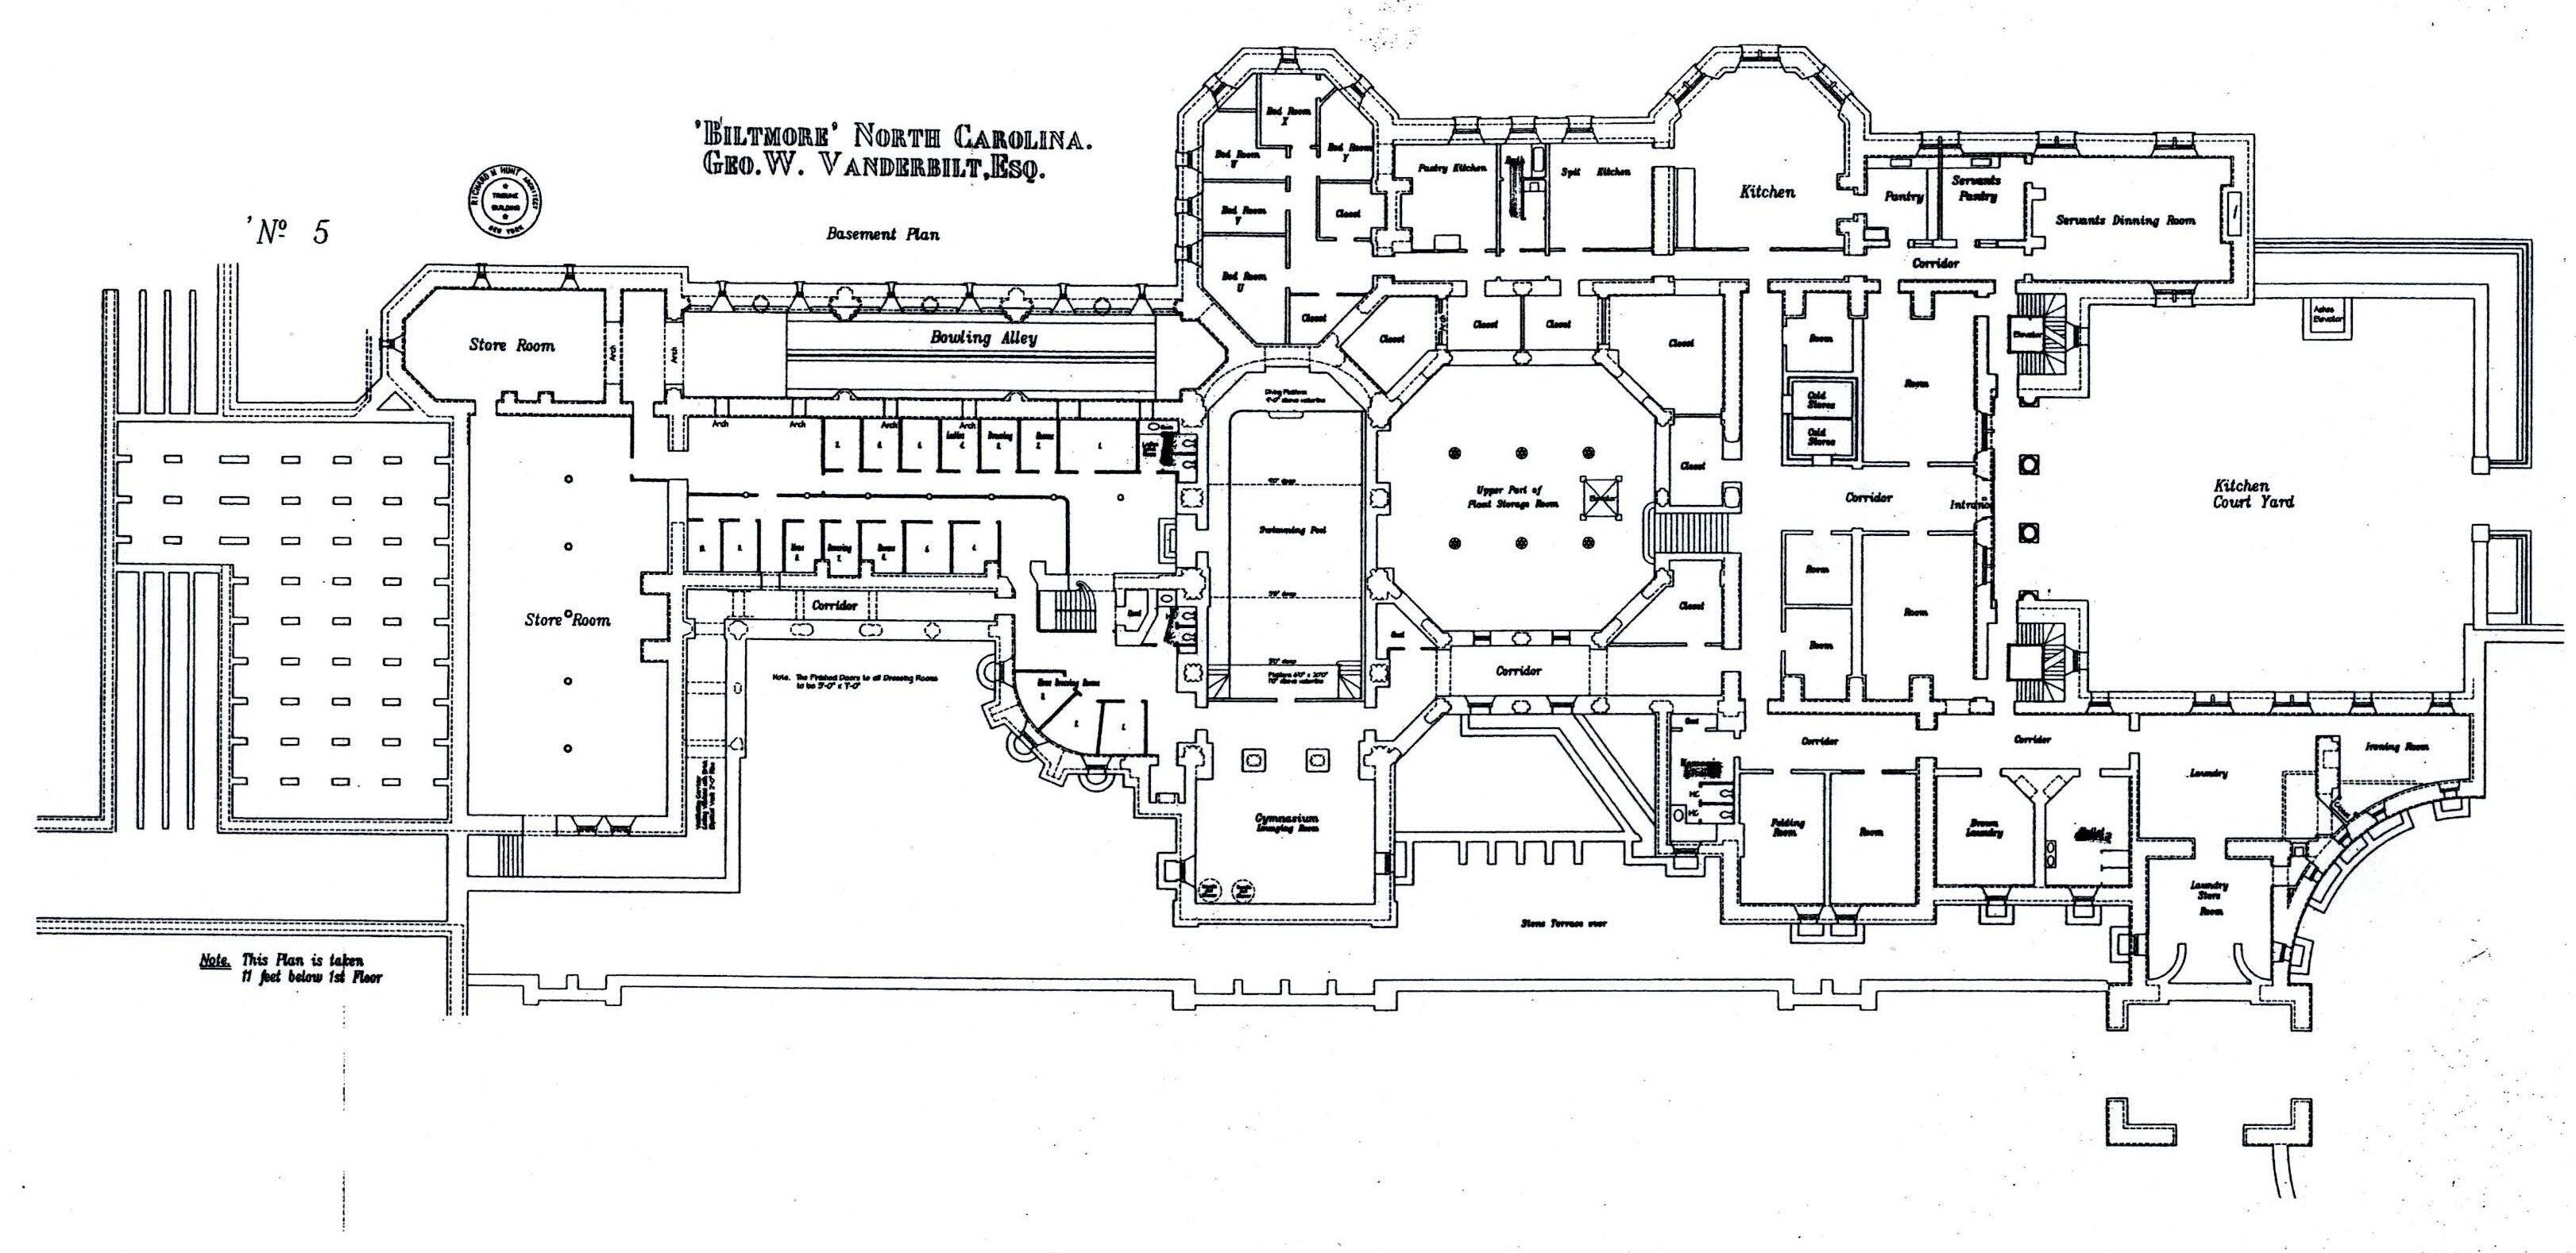 Biltmore Basement Floor Plan With Lights Labeled Biltmore House Basement Floor Plans Floor Plans